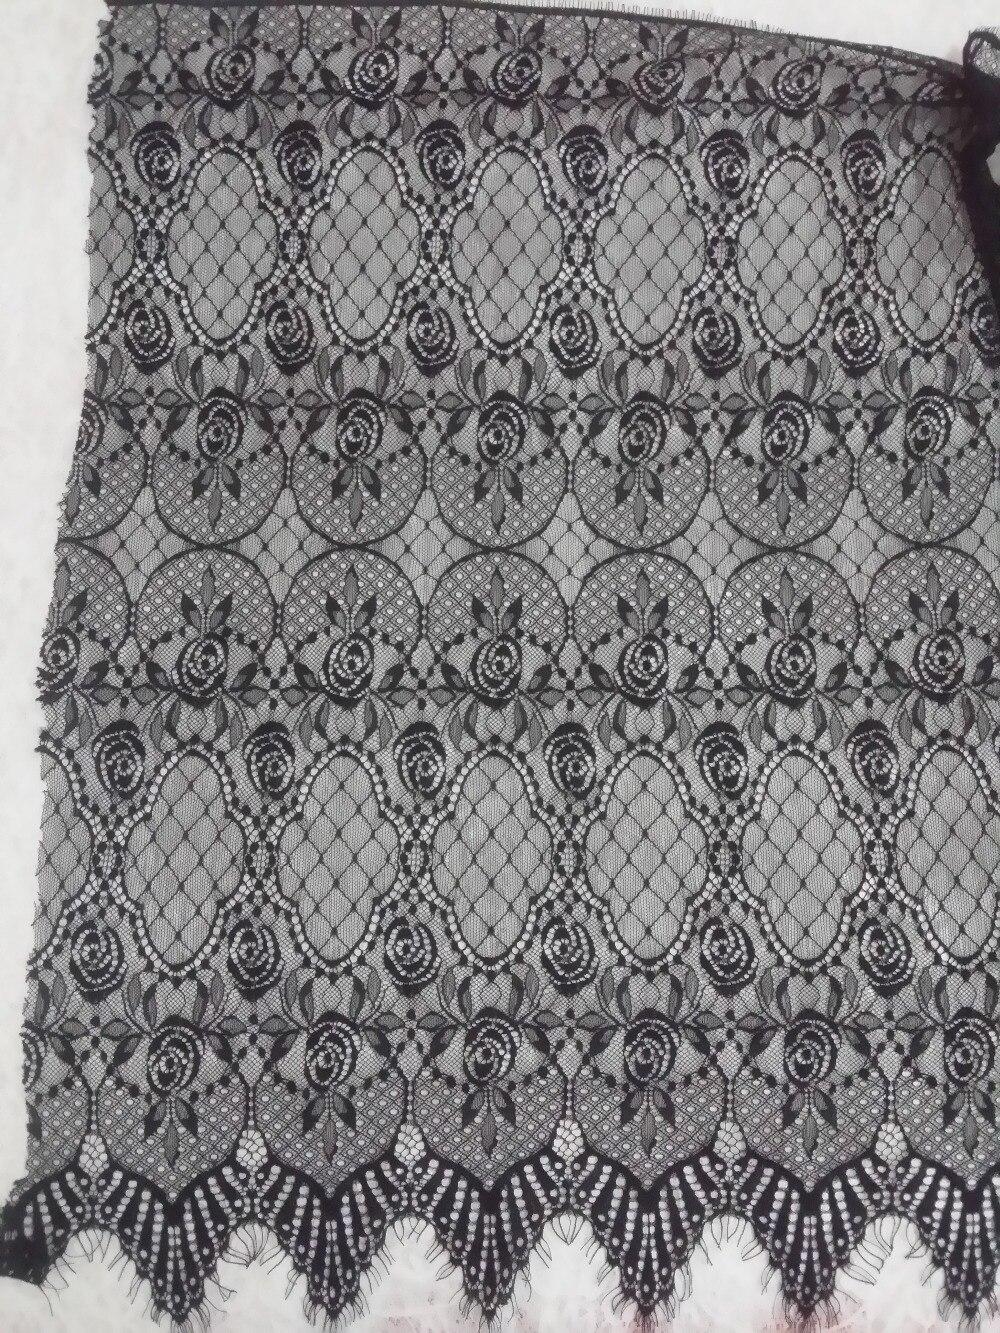 07f26a95f5466 65 سنتيمتر مادة امرأة فستان الدانتيل الأسود رمش شانتيلي الدانتيل النسيج  واسعة